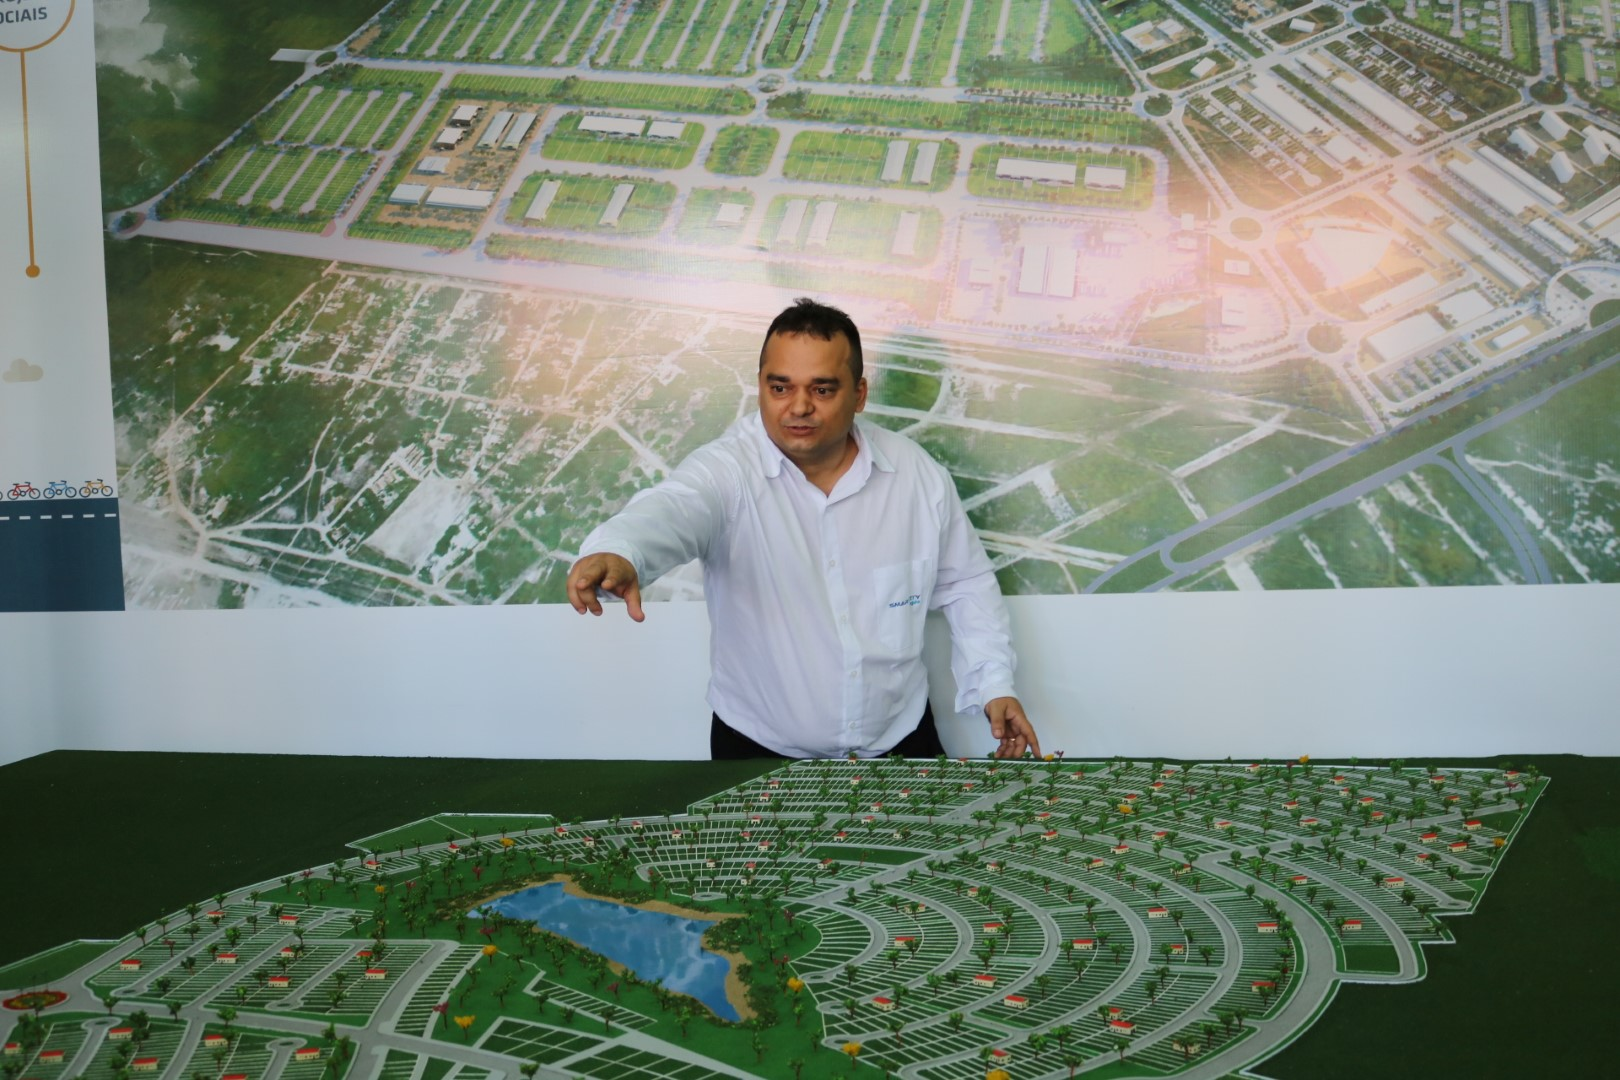 Guethner Gadelha Wirtzbiki, gerente de vendas da Smart City Laguna.